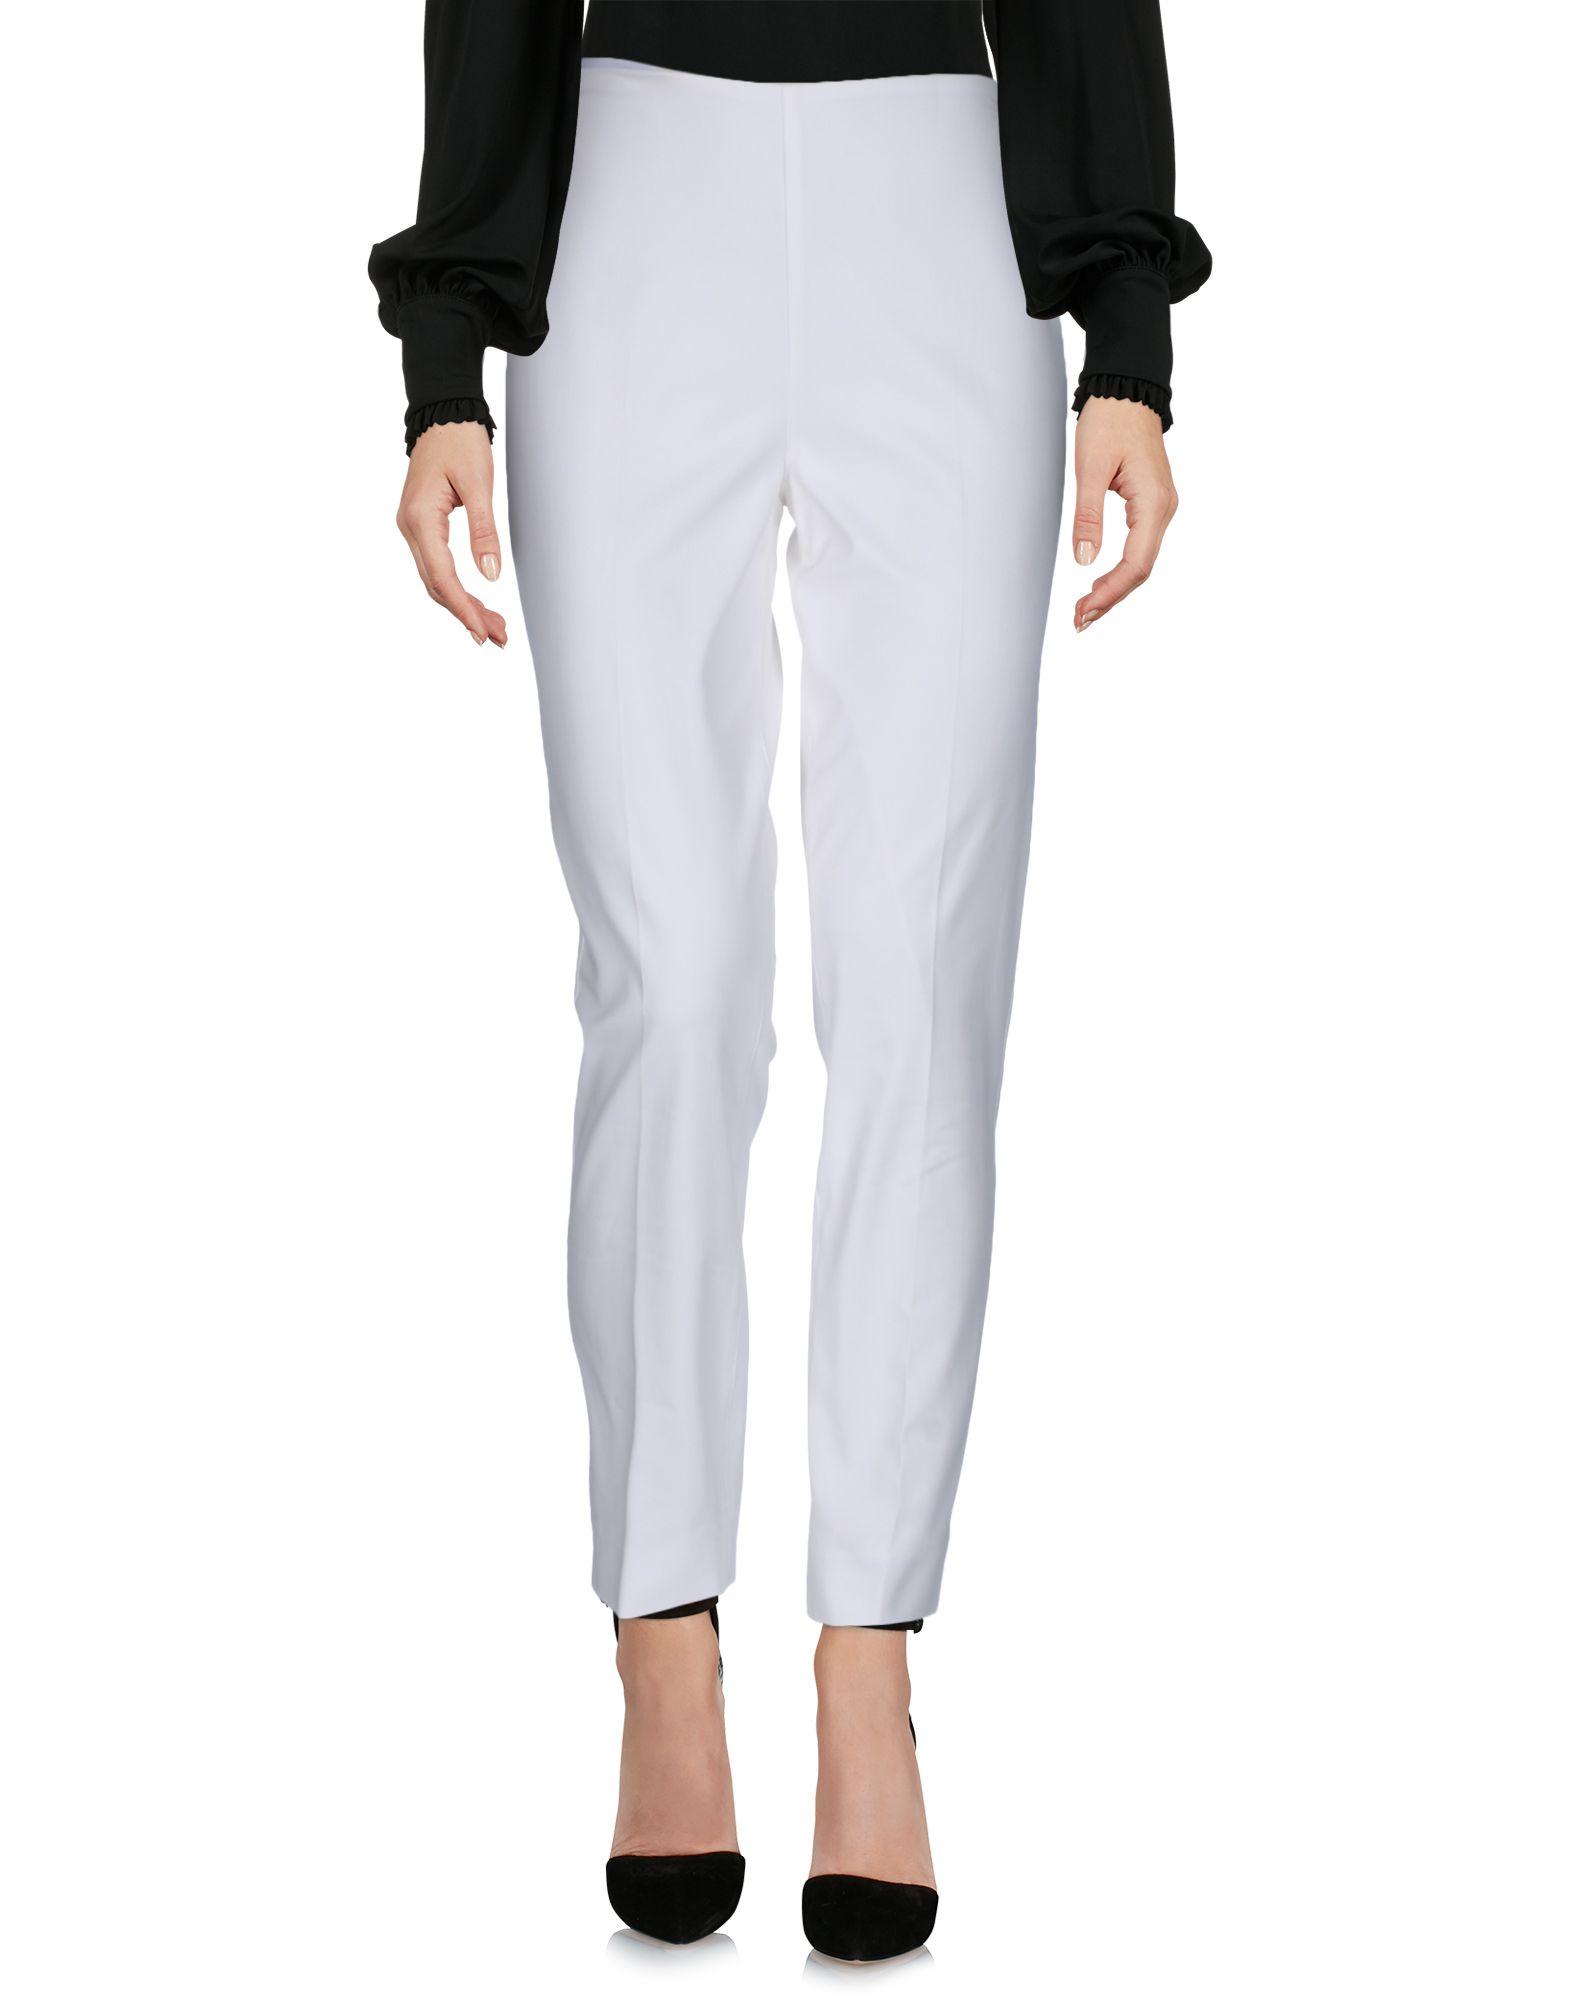 RALPH LAUREN BLACK LABEL Damen Hose Farbe Weiß Größe 4 - broschei